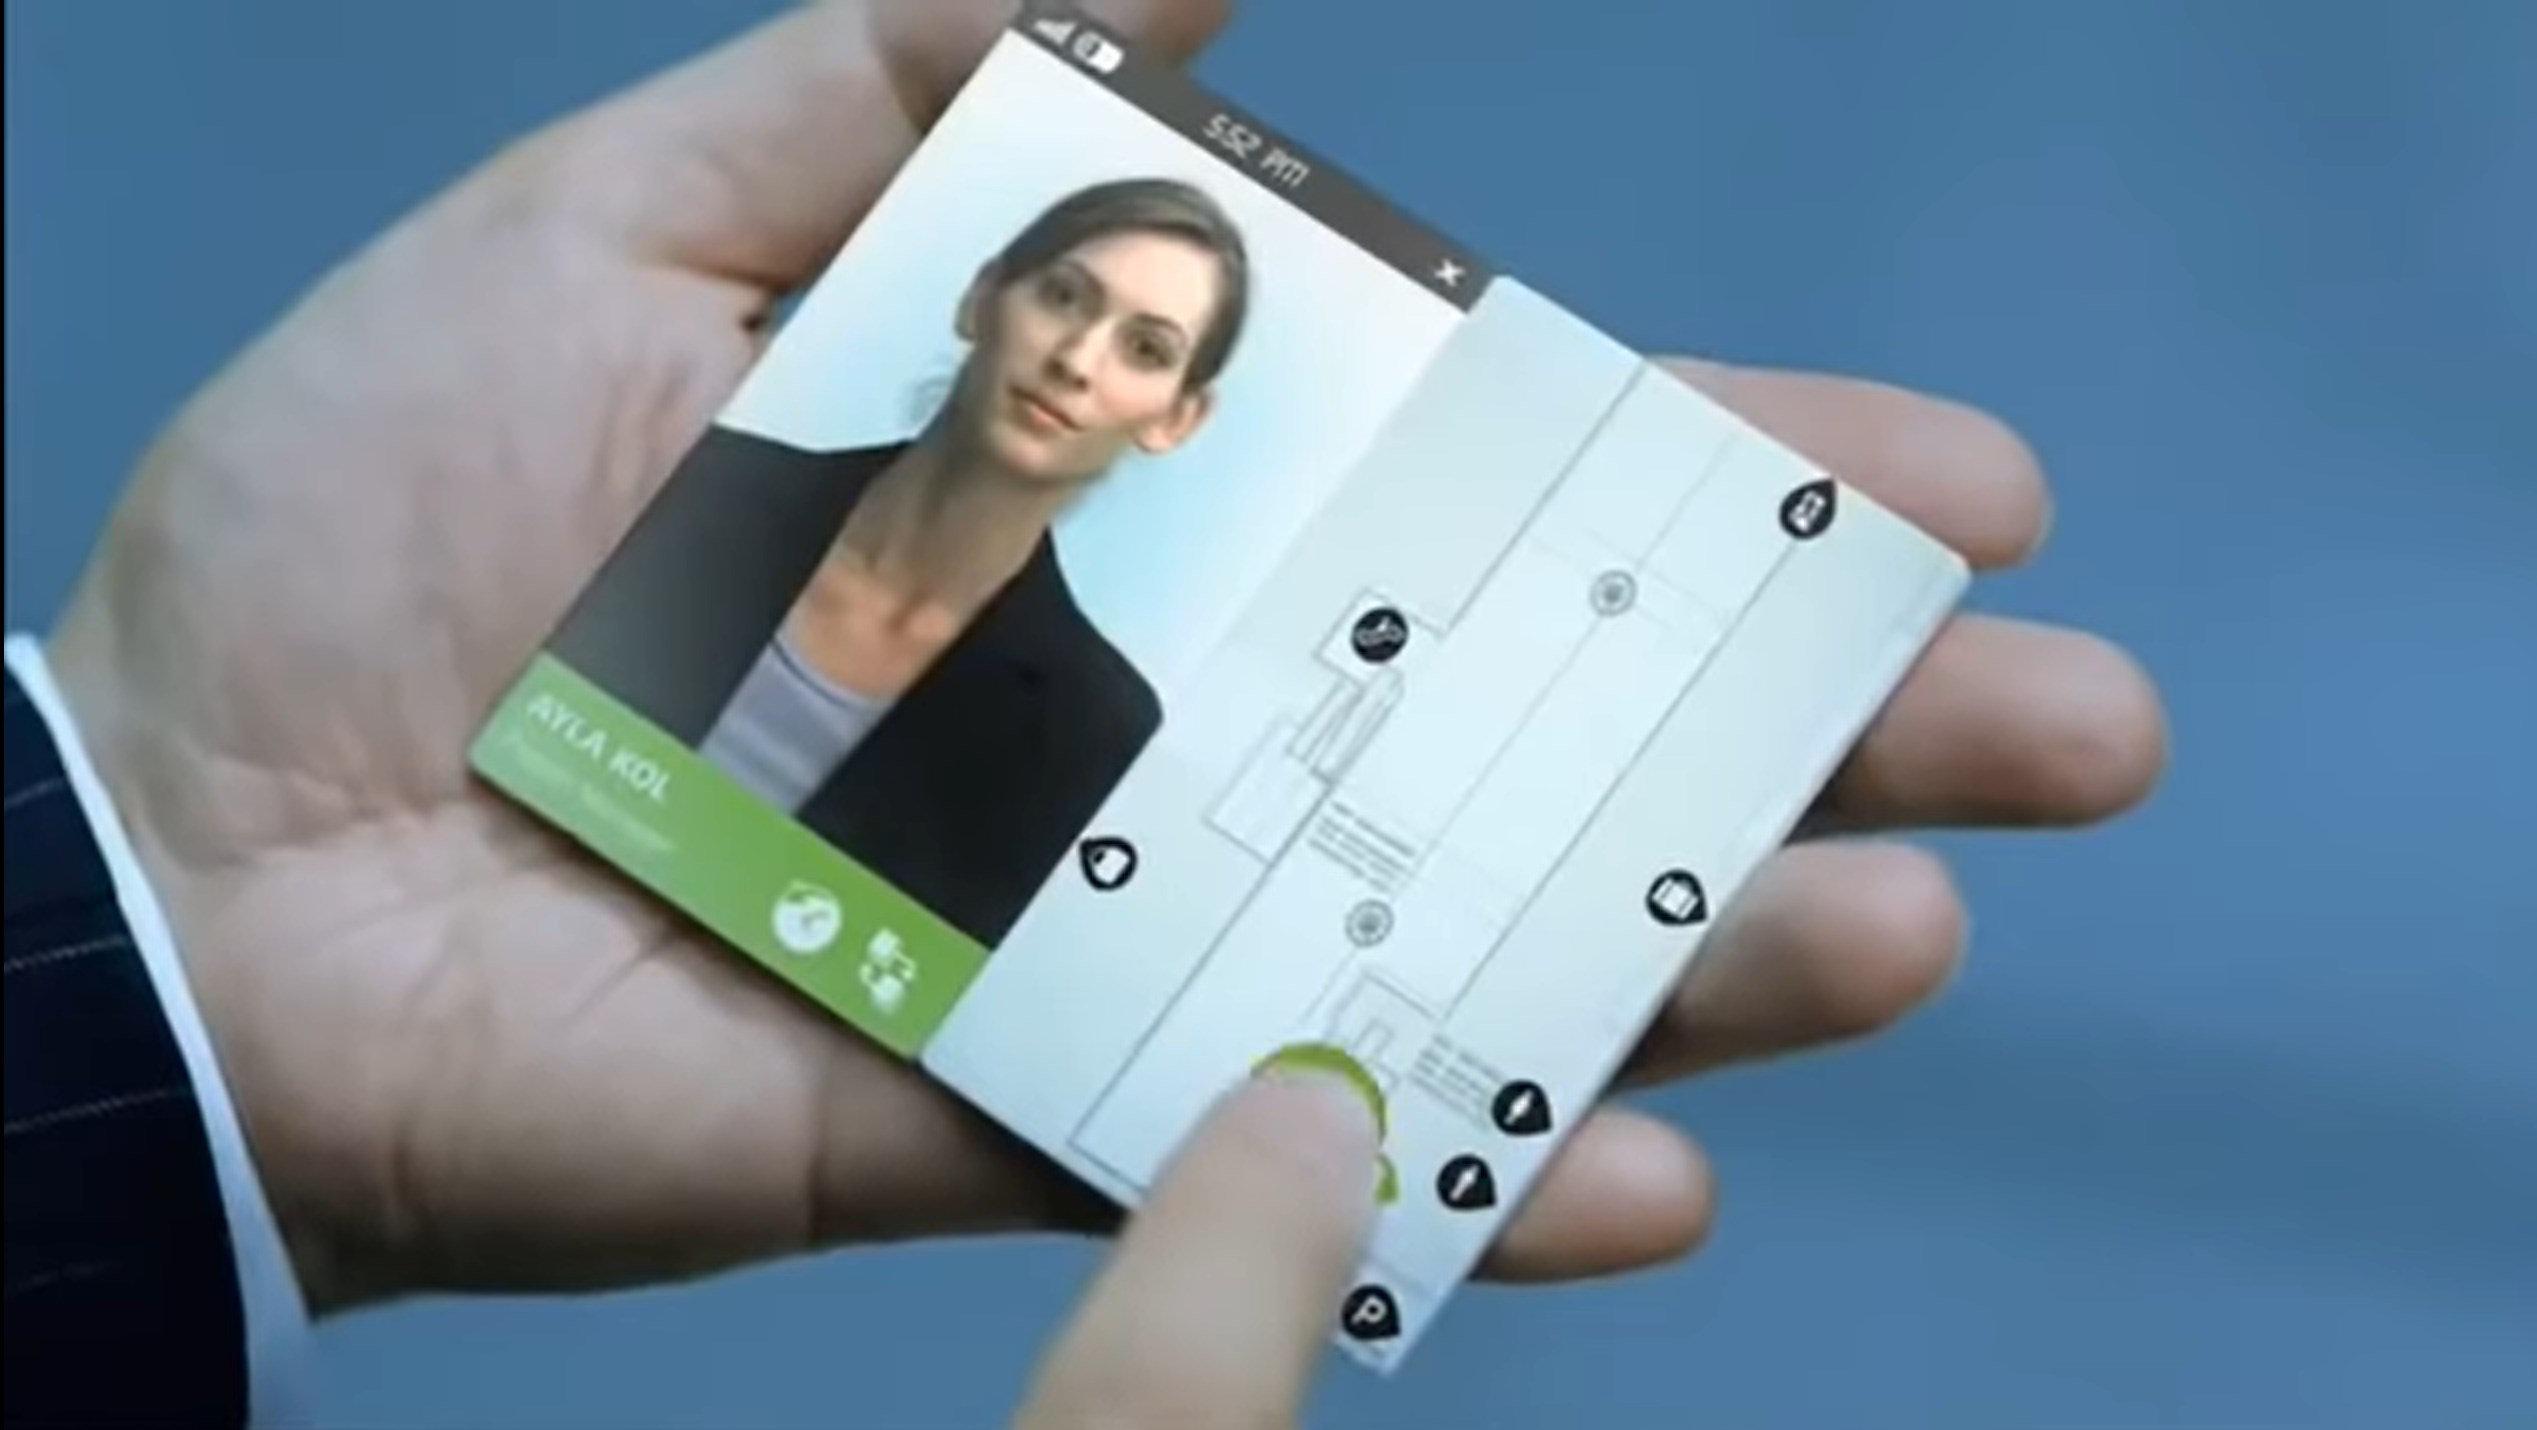 Papier tactile, smartphone défiant la physique… comment Microsoft imaginait 2019 en 2009